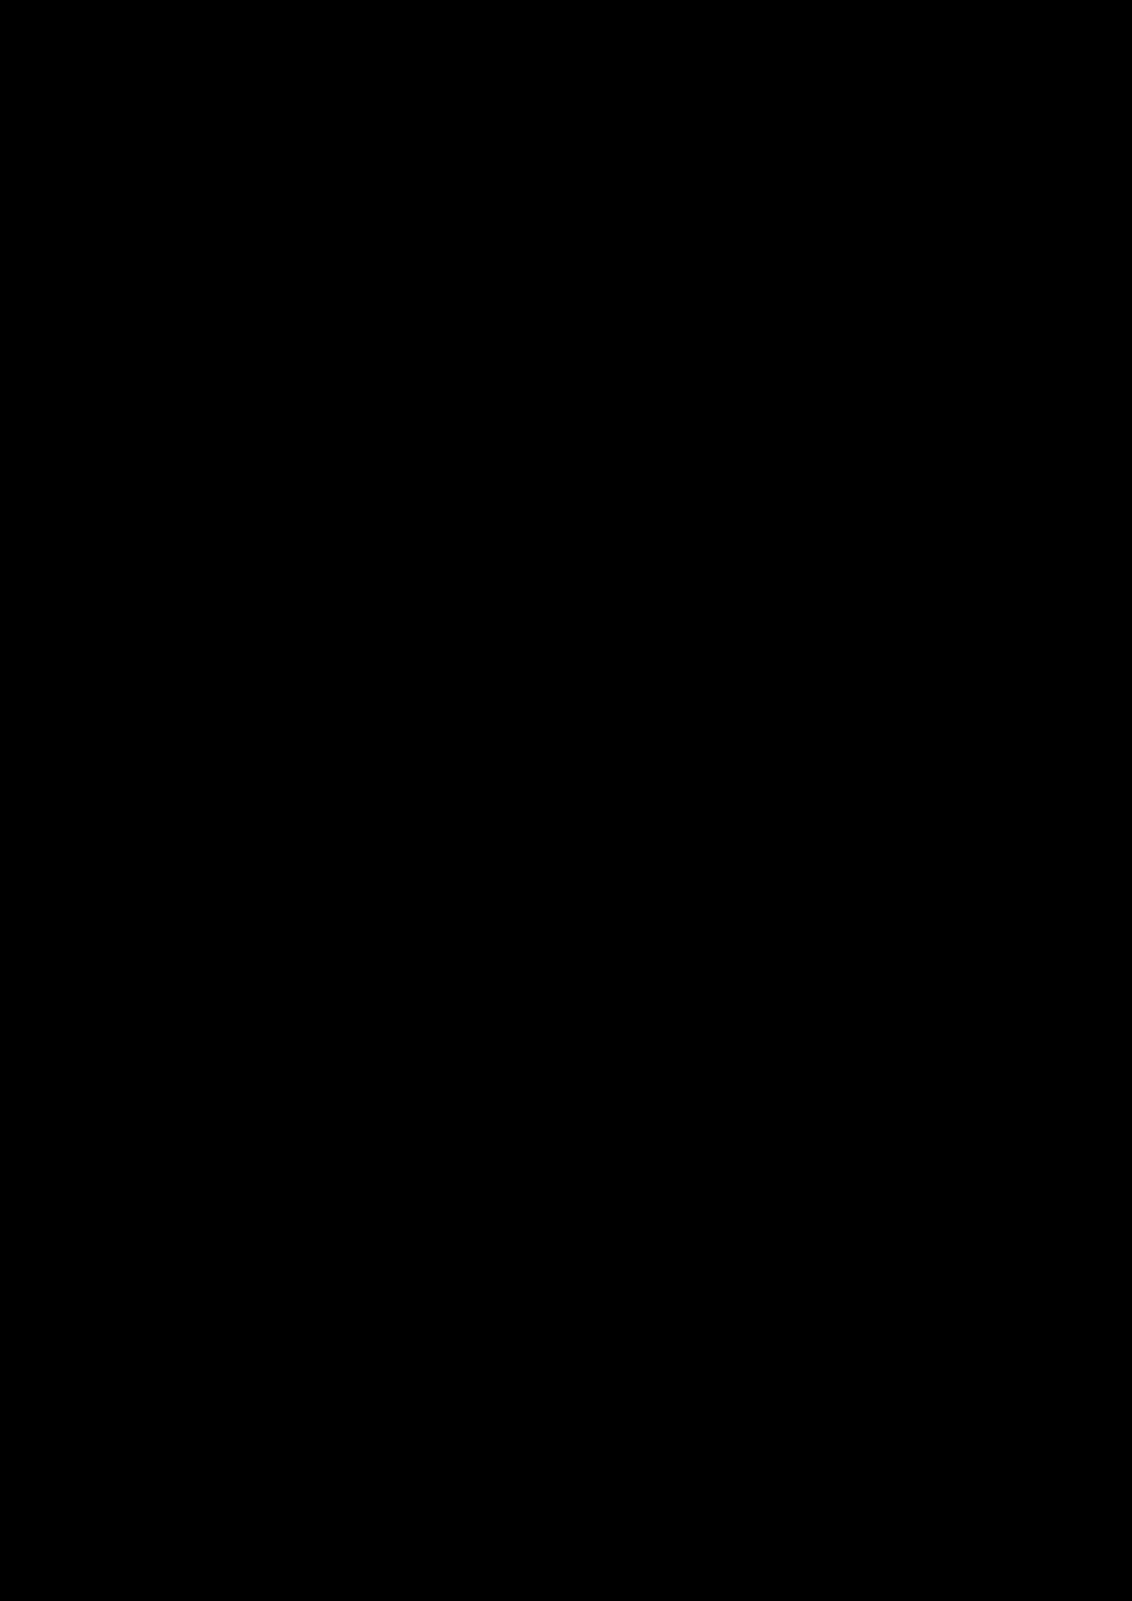 Vyibor Est slide, Image 43